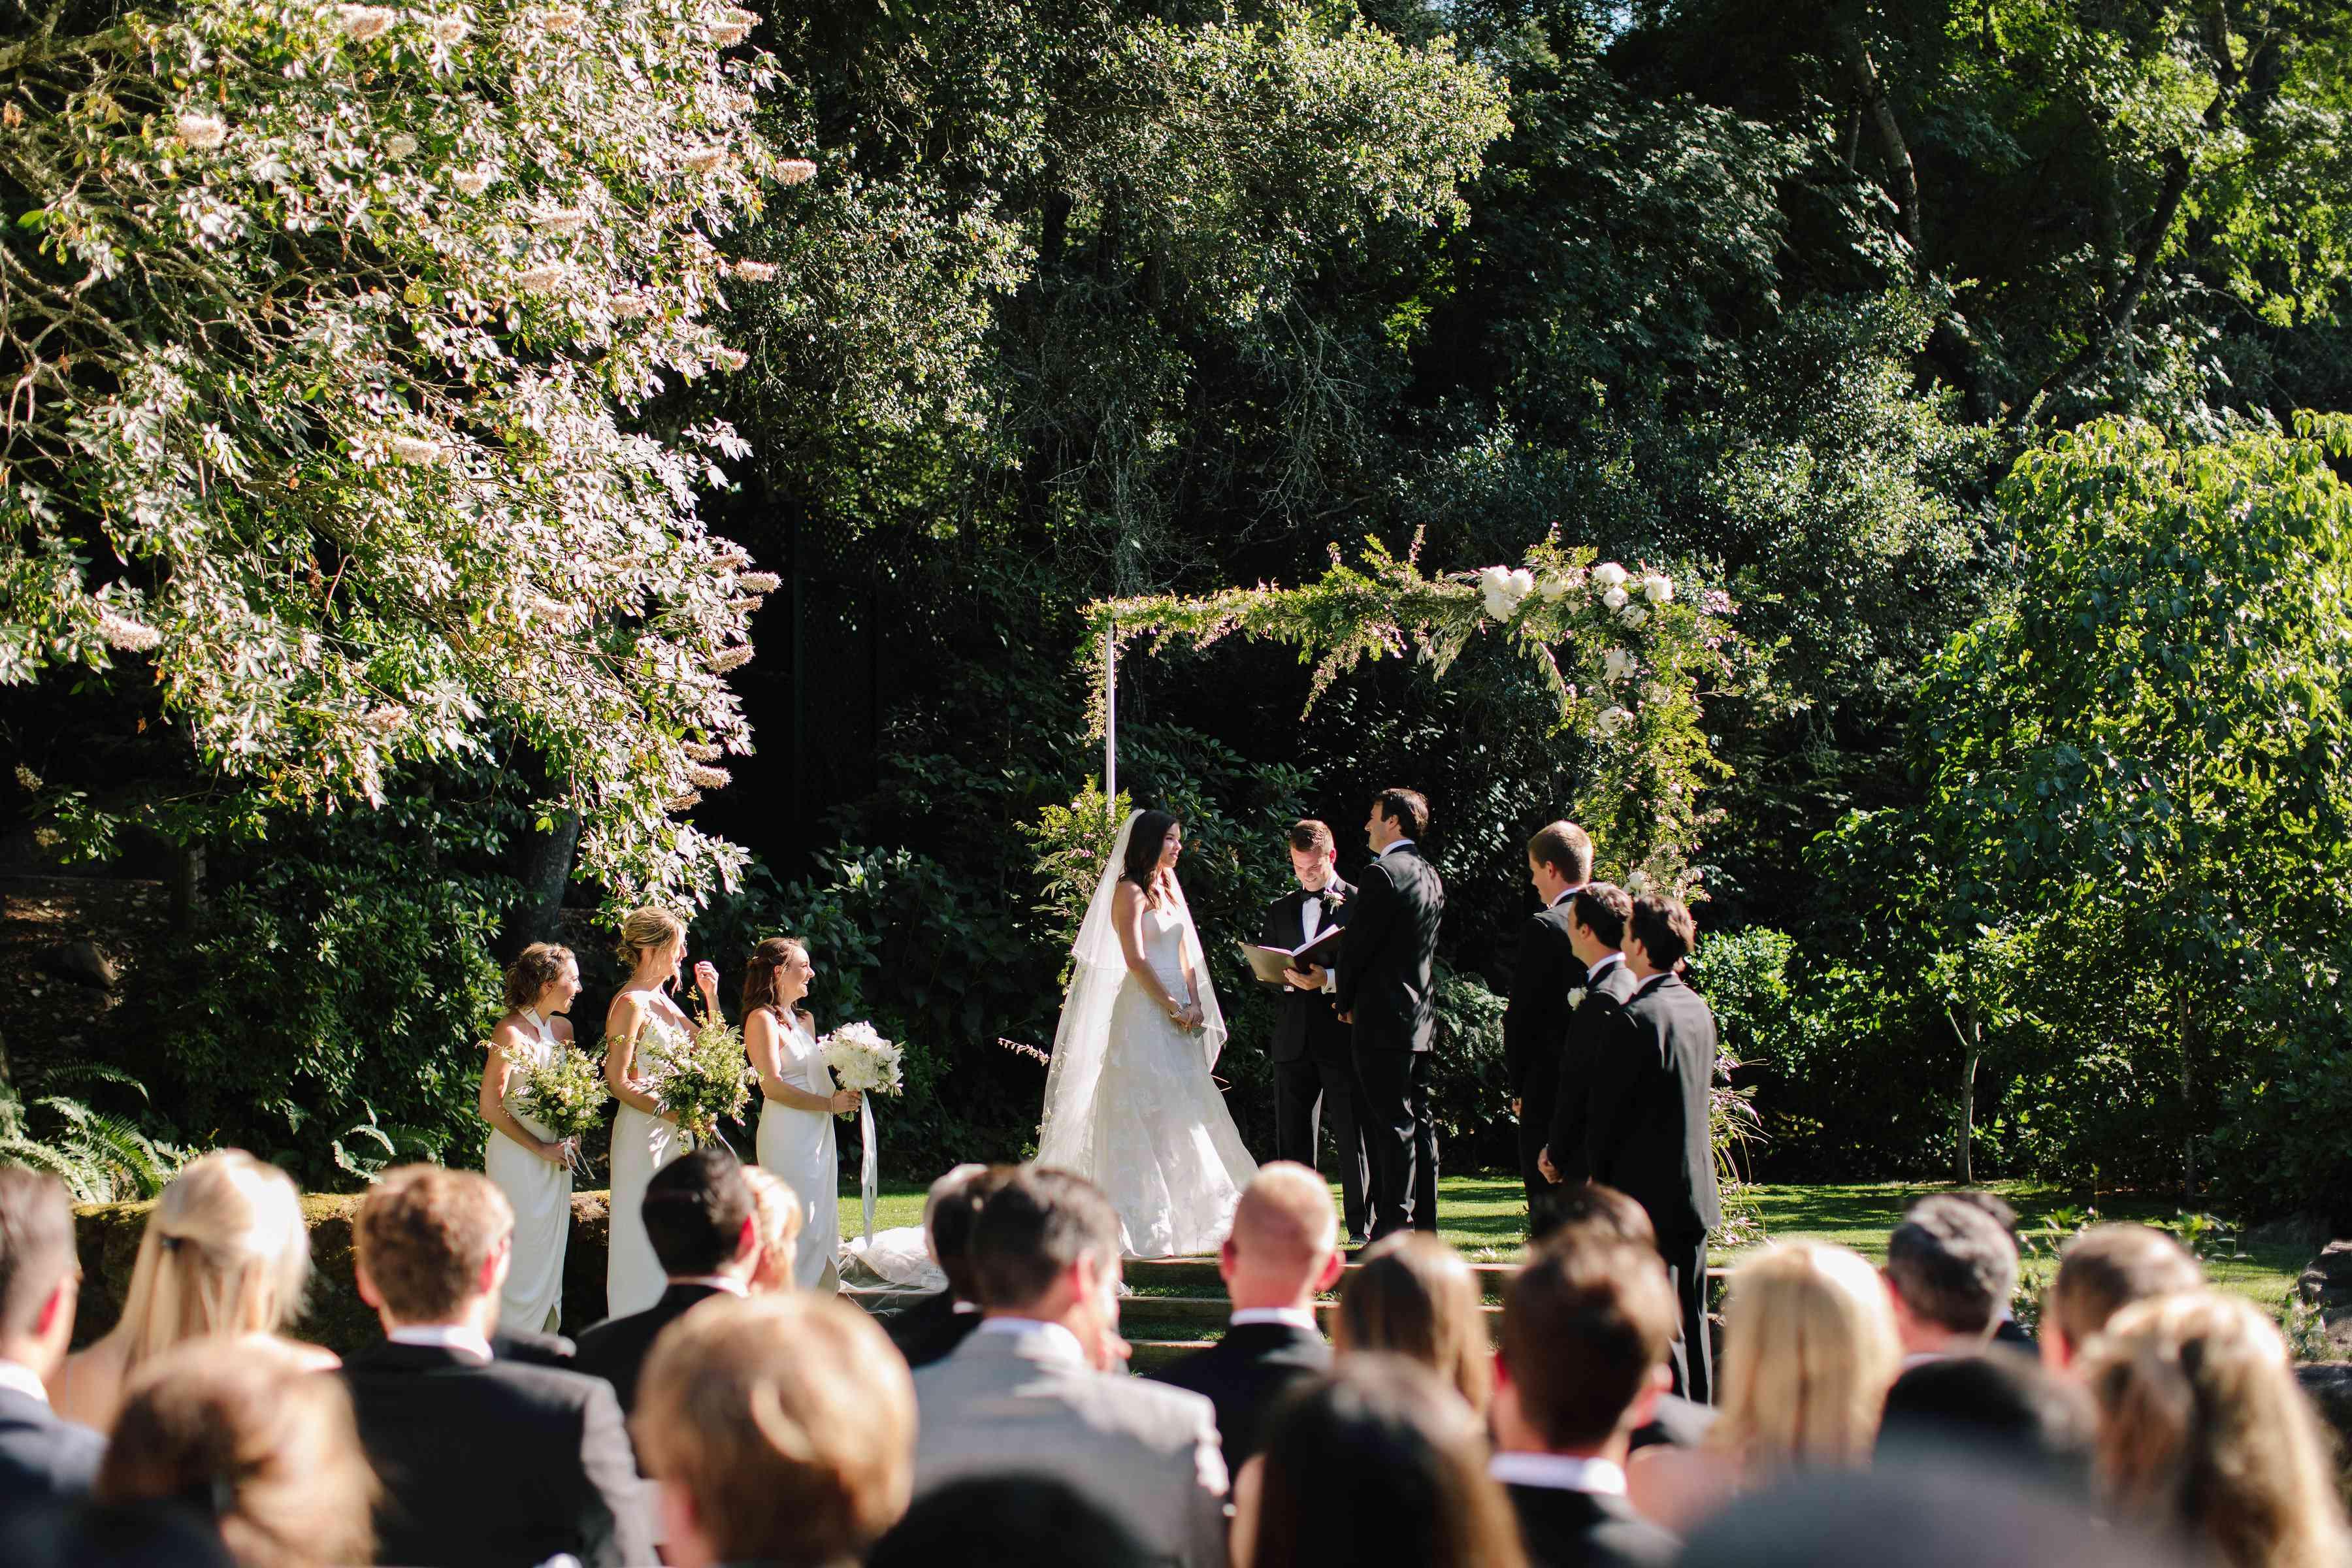 <p>outdoor ceremony</p><br><br>